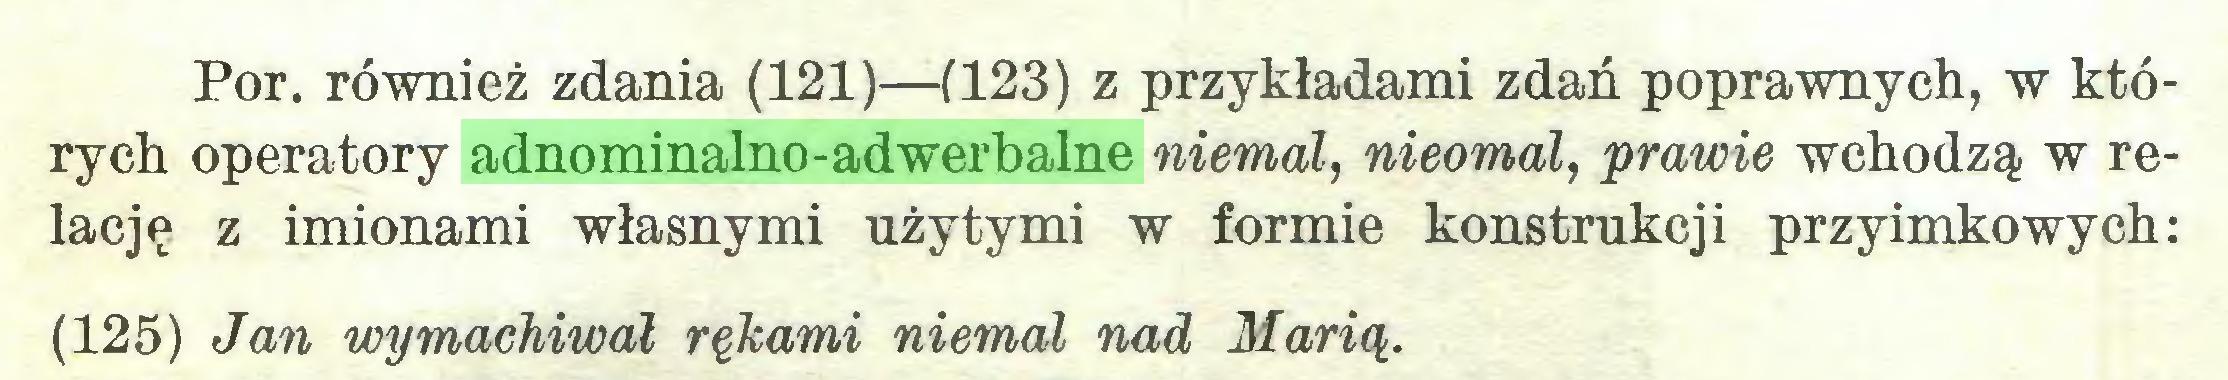 (...) Por. również zdania (121)—(123) z przykładami zdań poprawnych, w których operatory adnominalno-adwerbalne niemal, nieomal, prawie wchodzą w relację z imionami własnymi użytymi w formie konstrukcji przyimkowych: (125) Jan wymachiwał rękami niemal nad Marią...